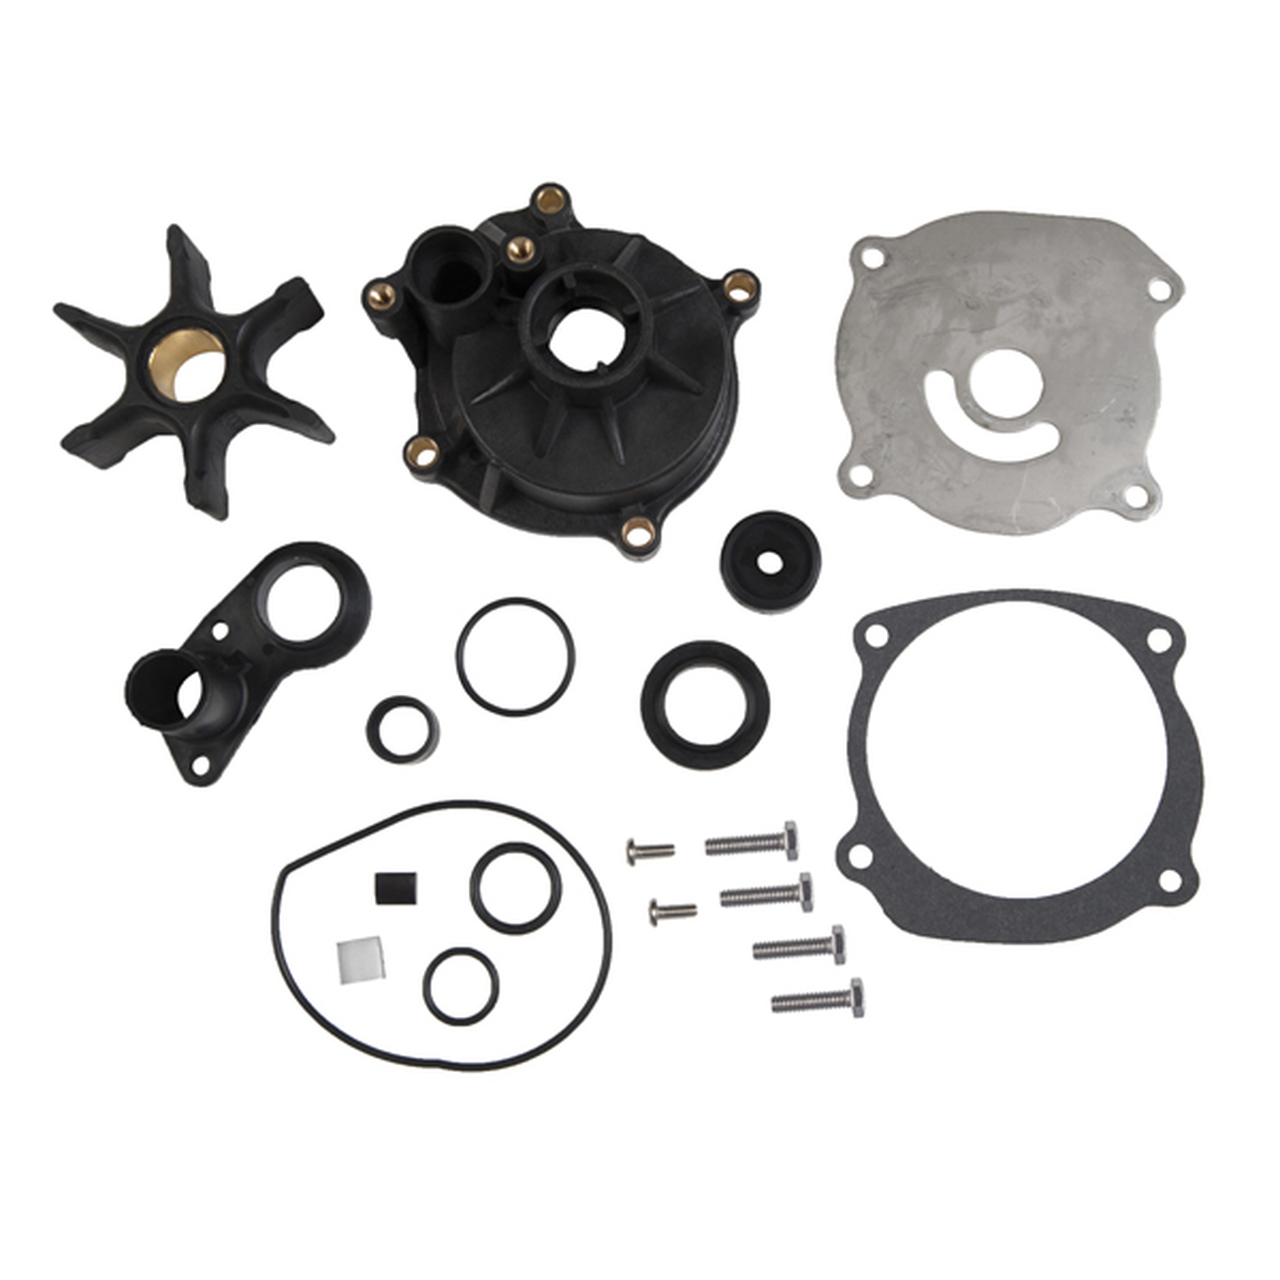 Sierra 18-3392 Water Pump Kit Replaces 5001594